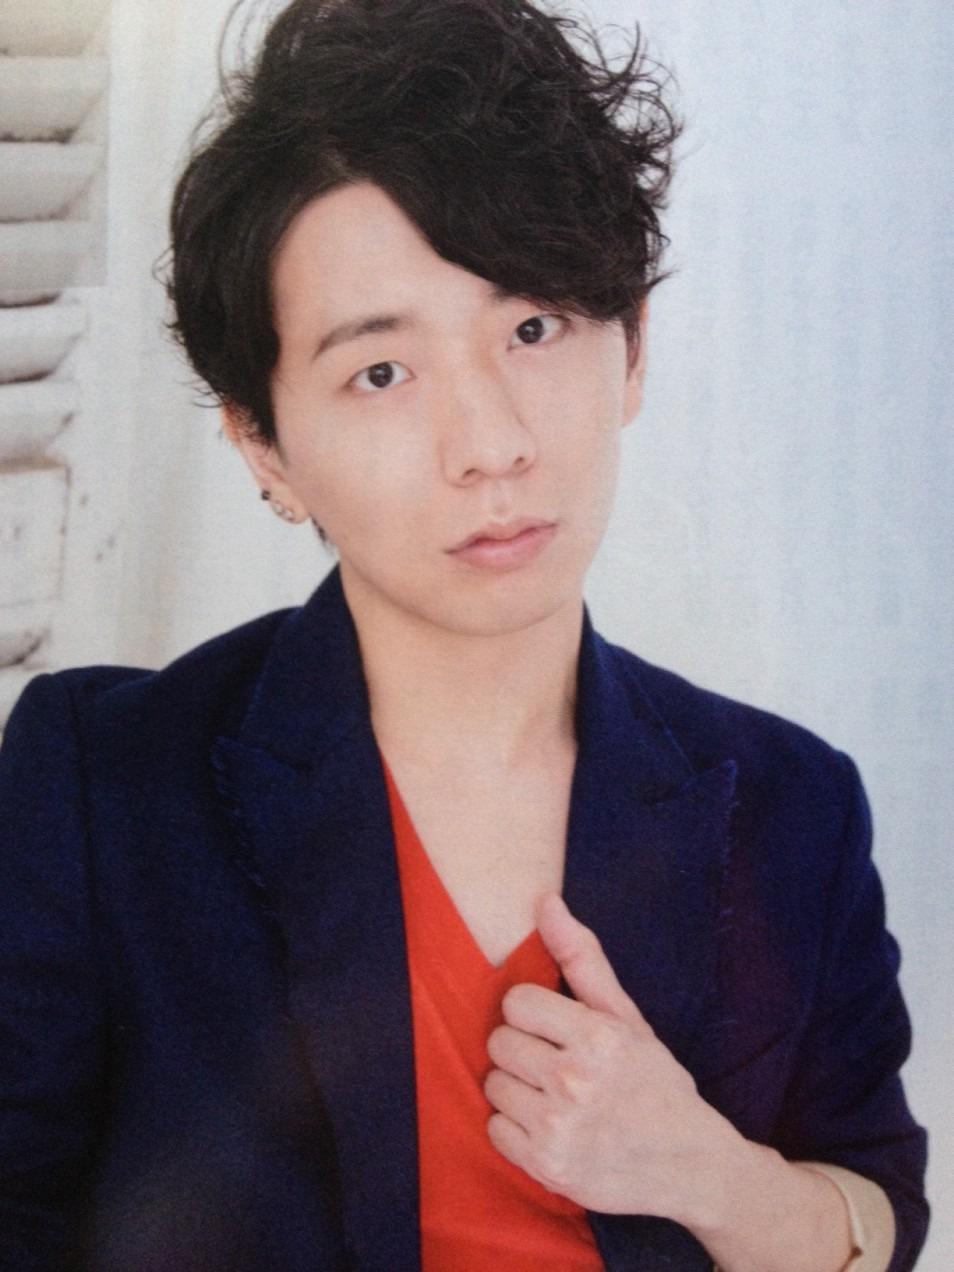 木村良平の画像 p1_36